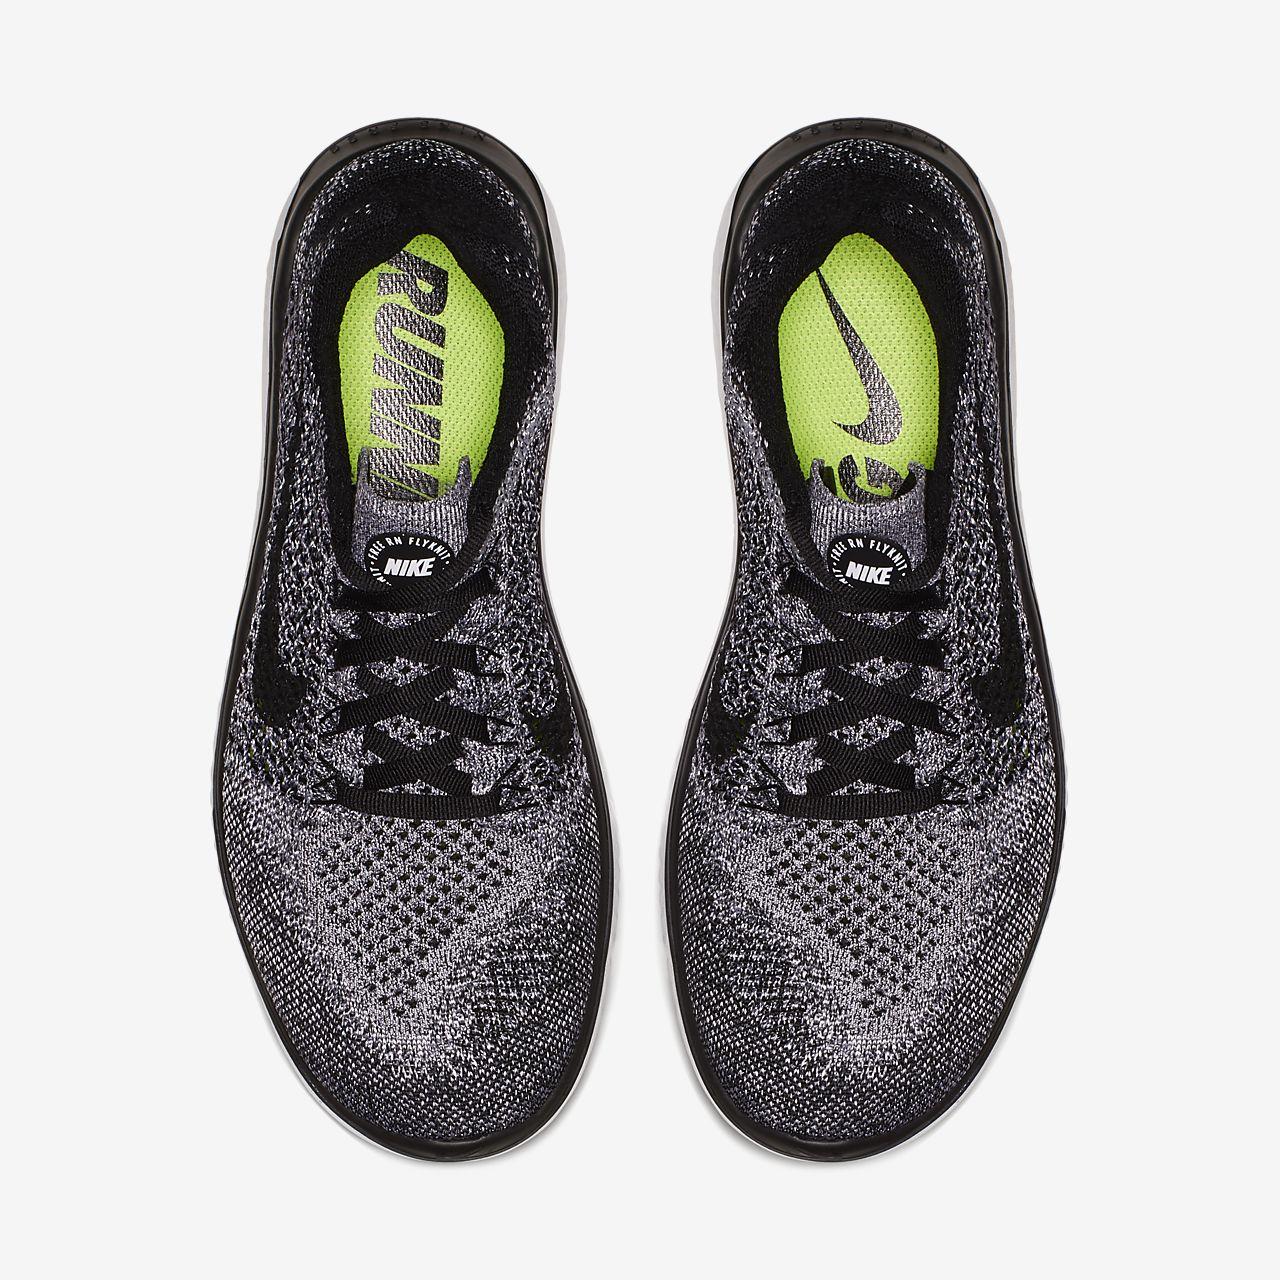 6a9c7154d608 Nike Free RN Flyknit 2018 Women s Running Shoe. Nike.com